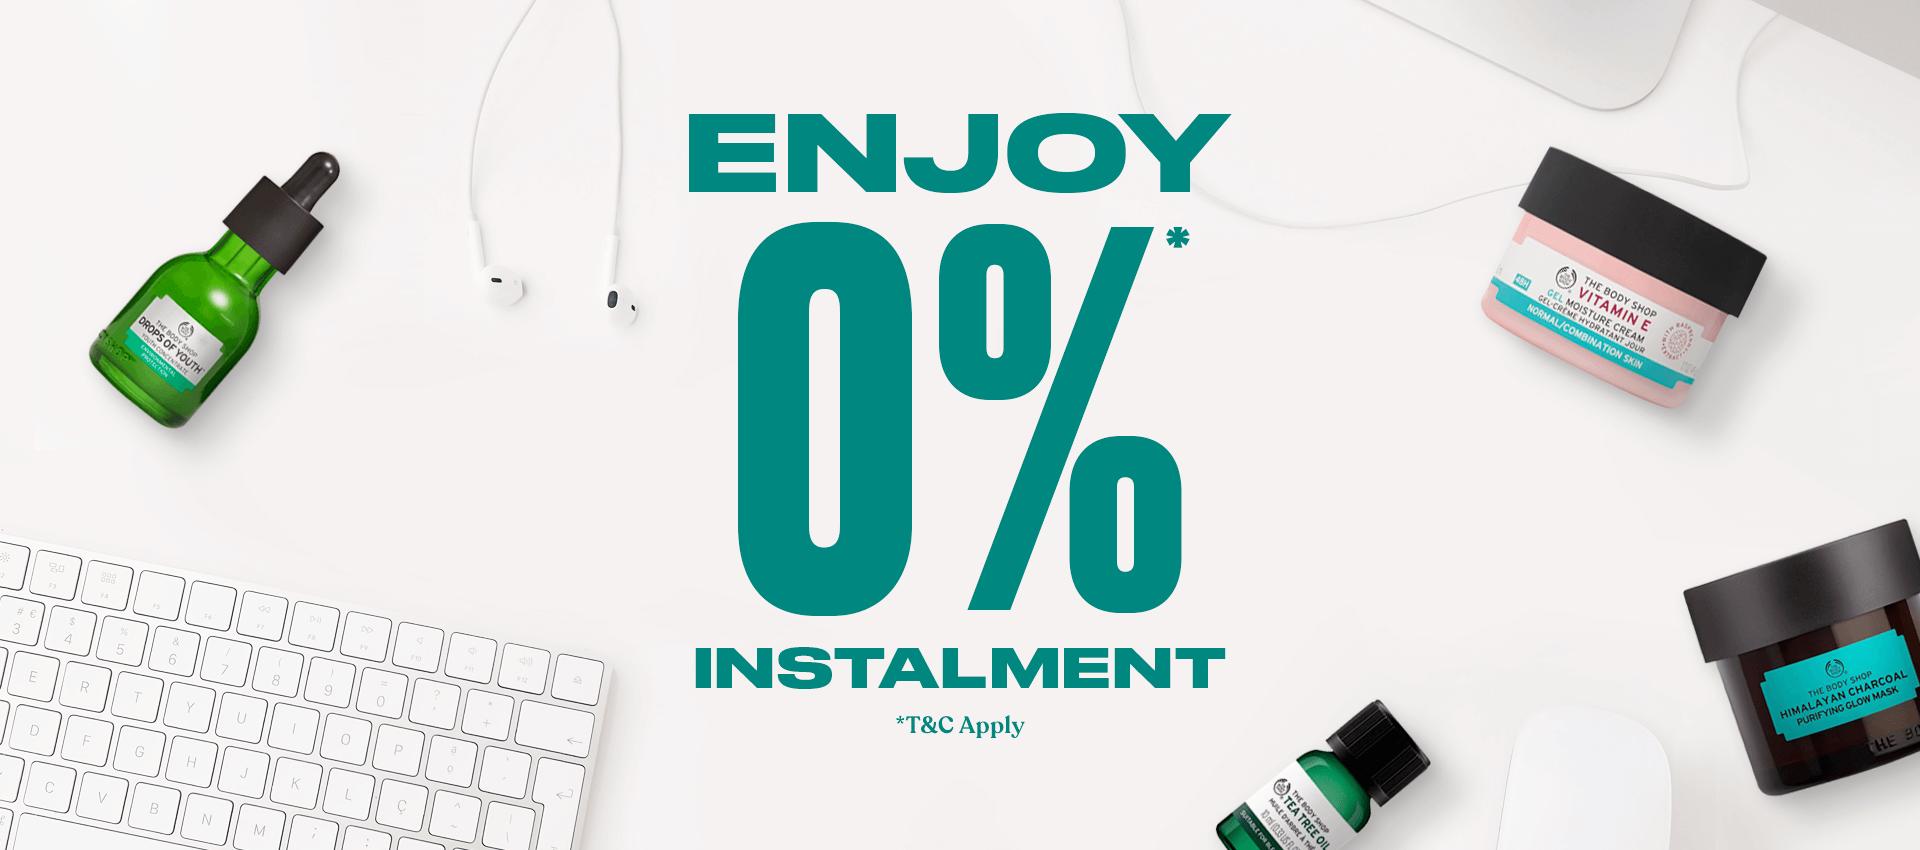 Enjoy Instalment